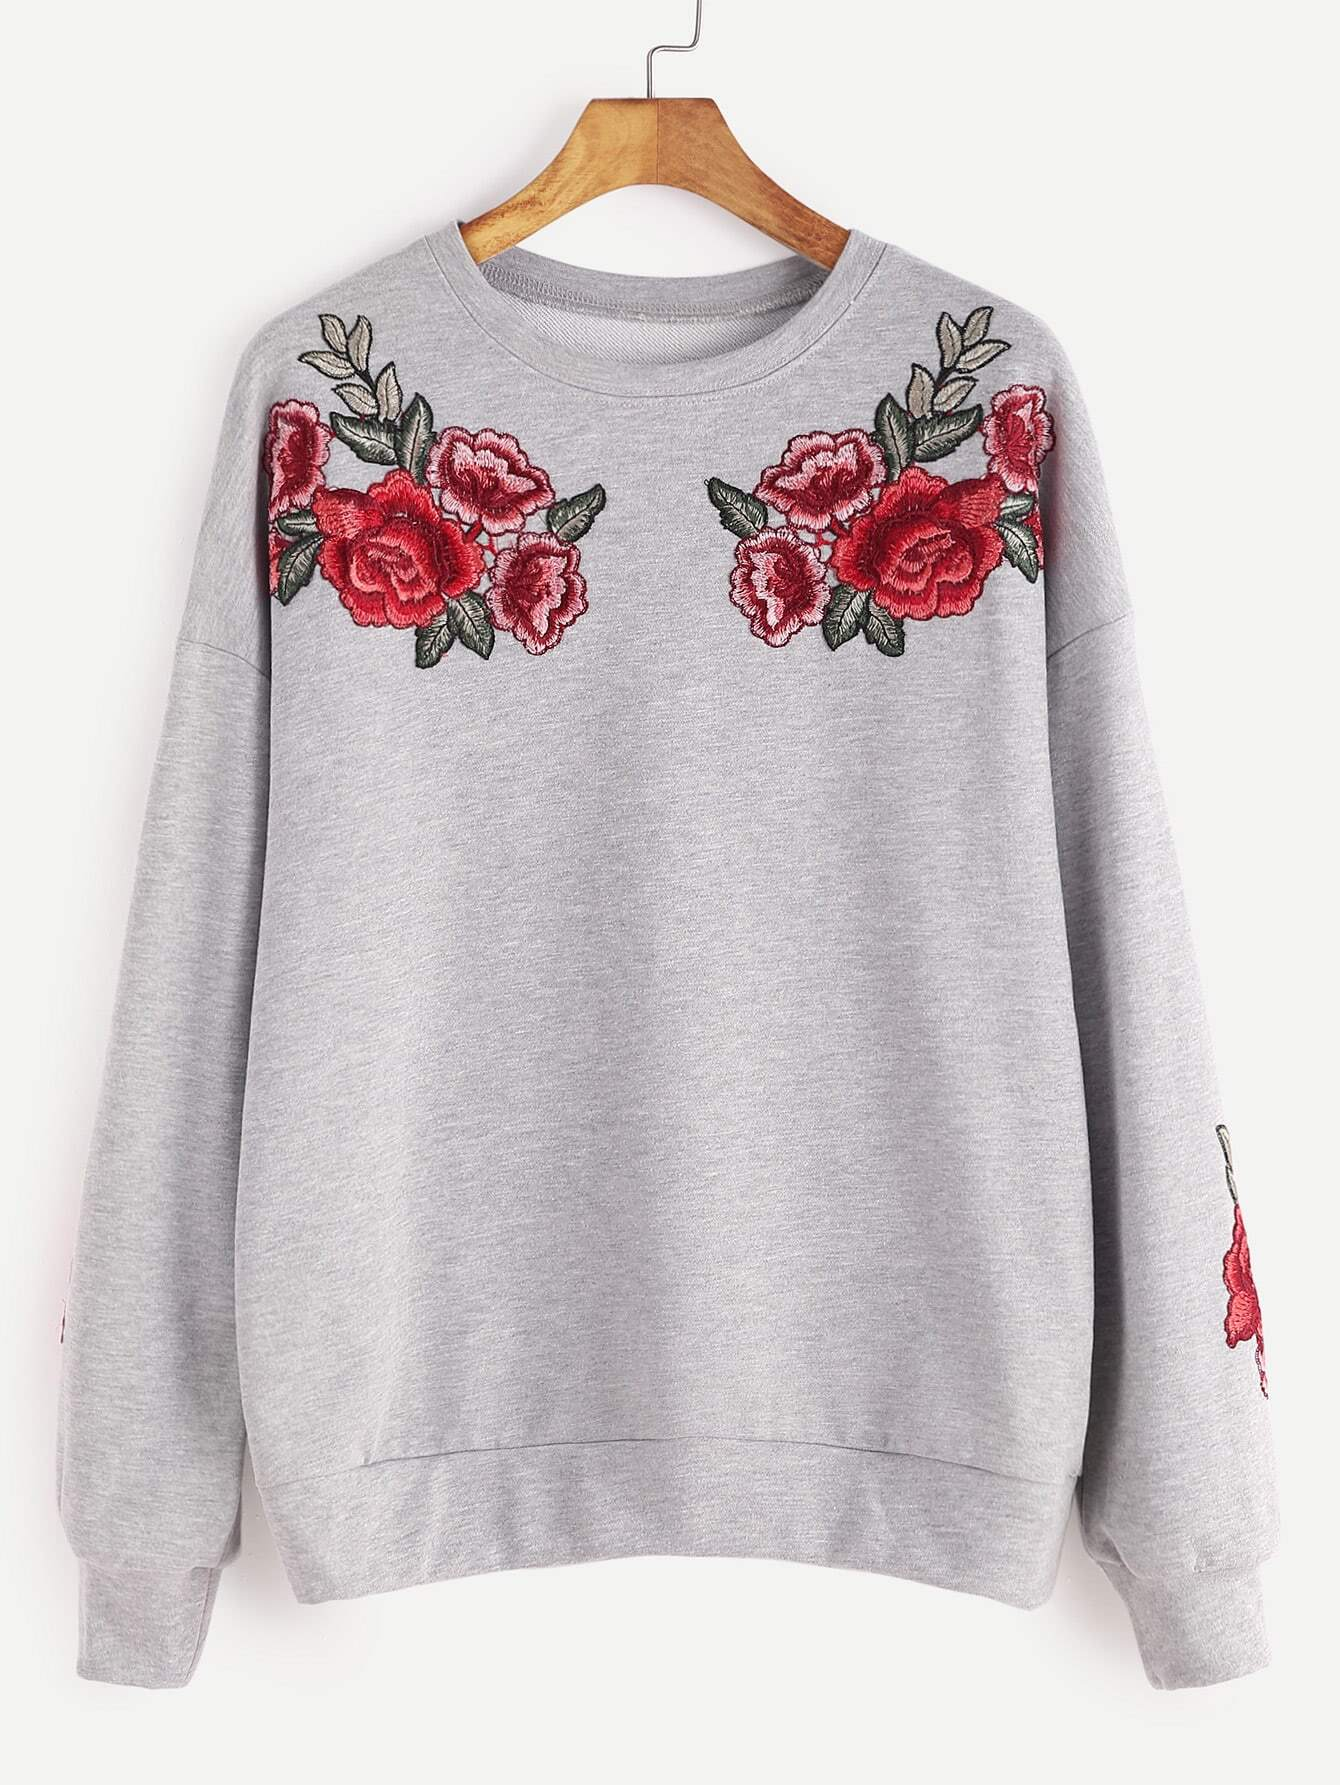 sweatshirt mit rose stickereien drop schulter hell grau. Black Bedroom Furniture Sets. Home Design Ideas